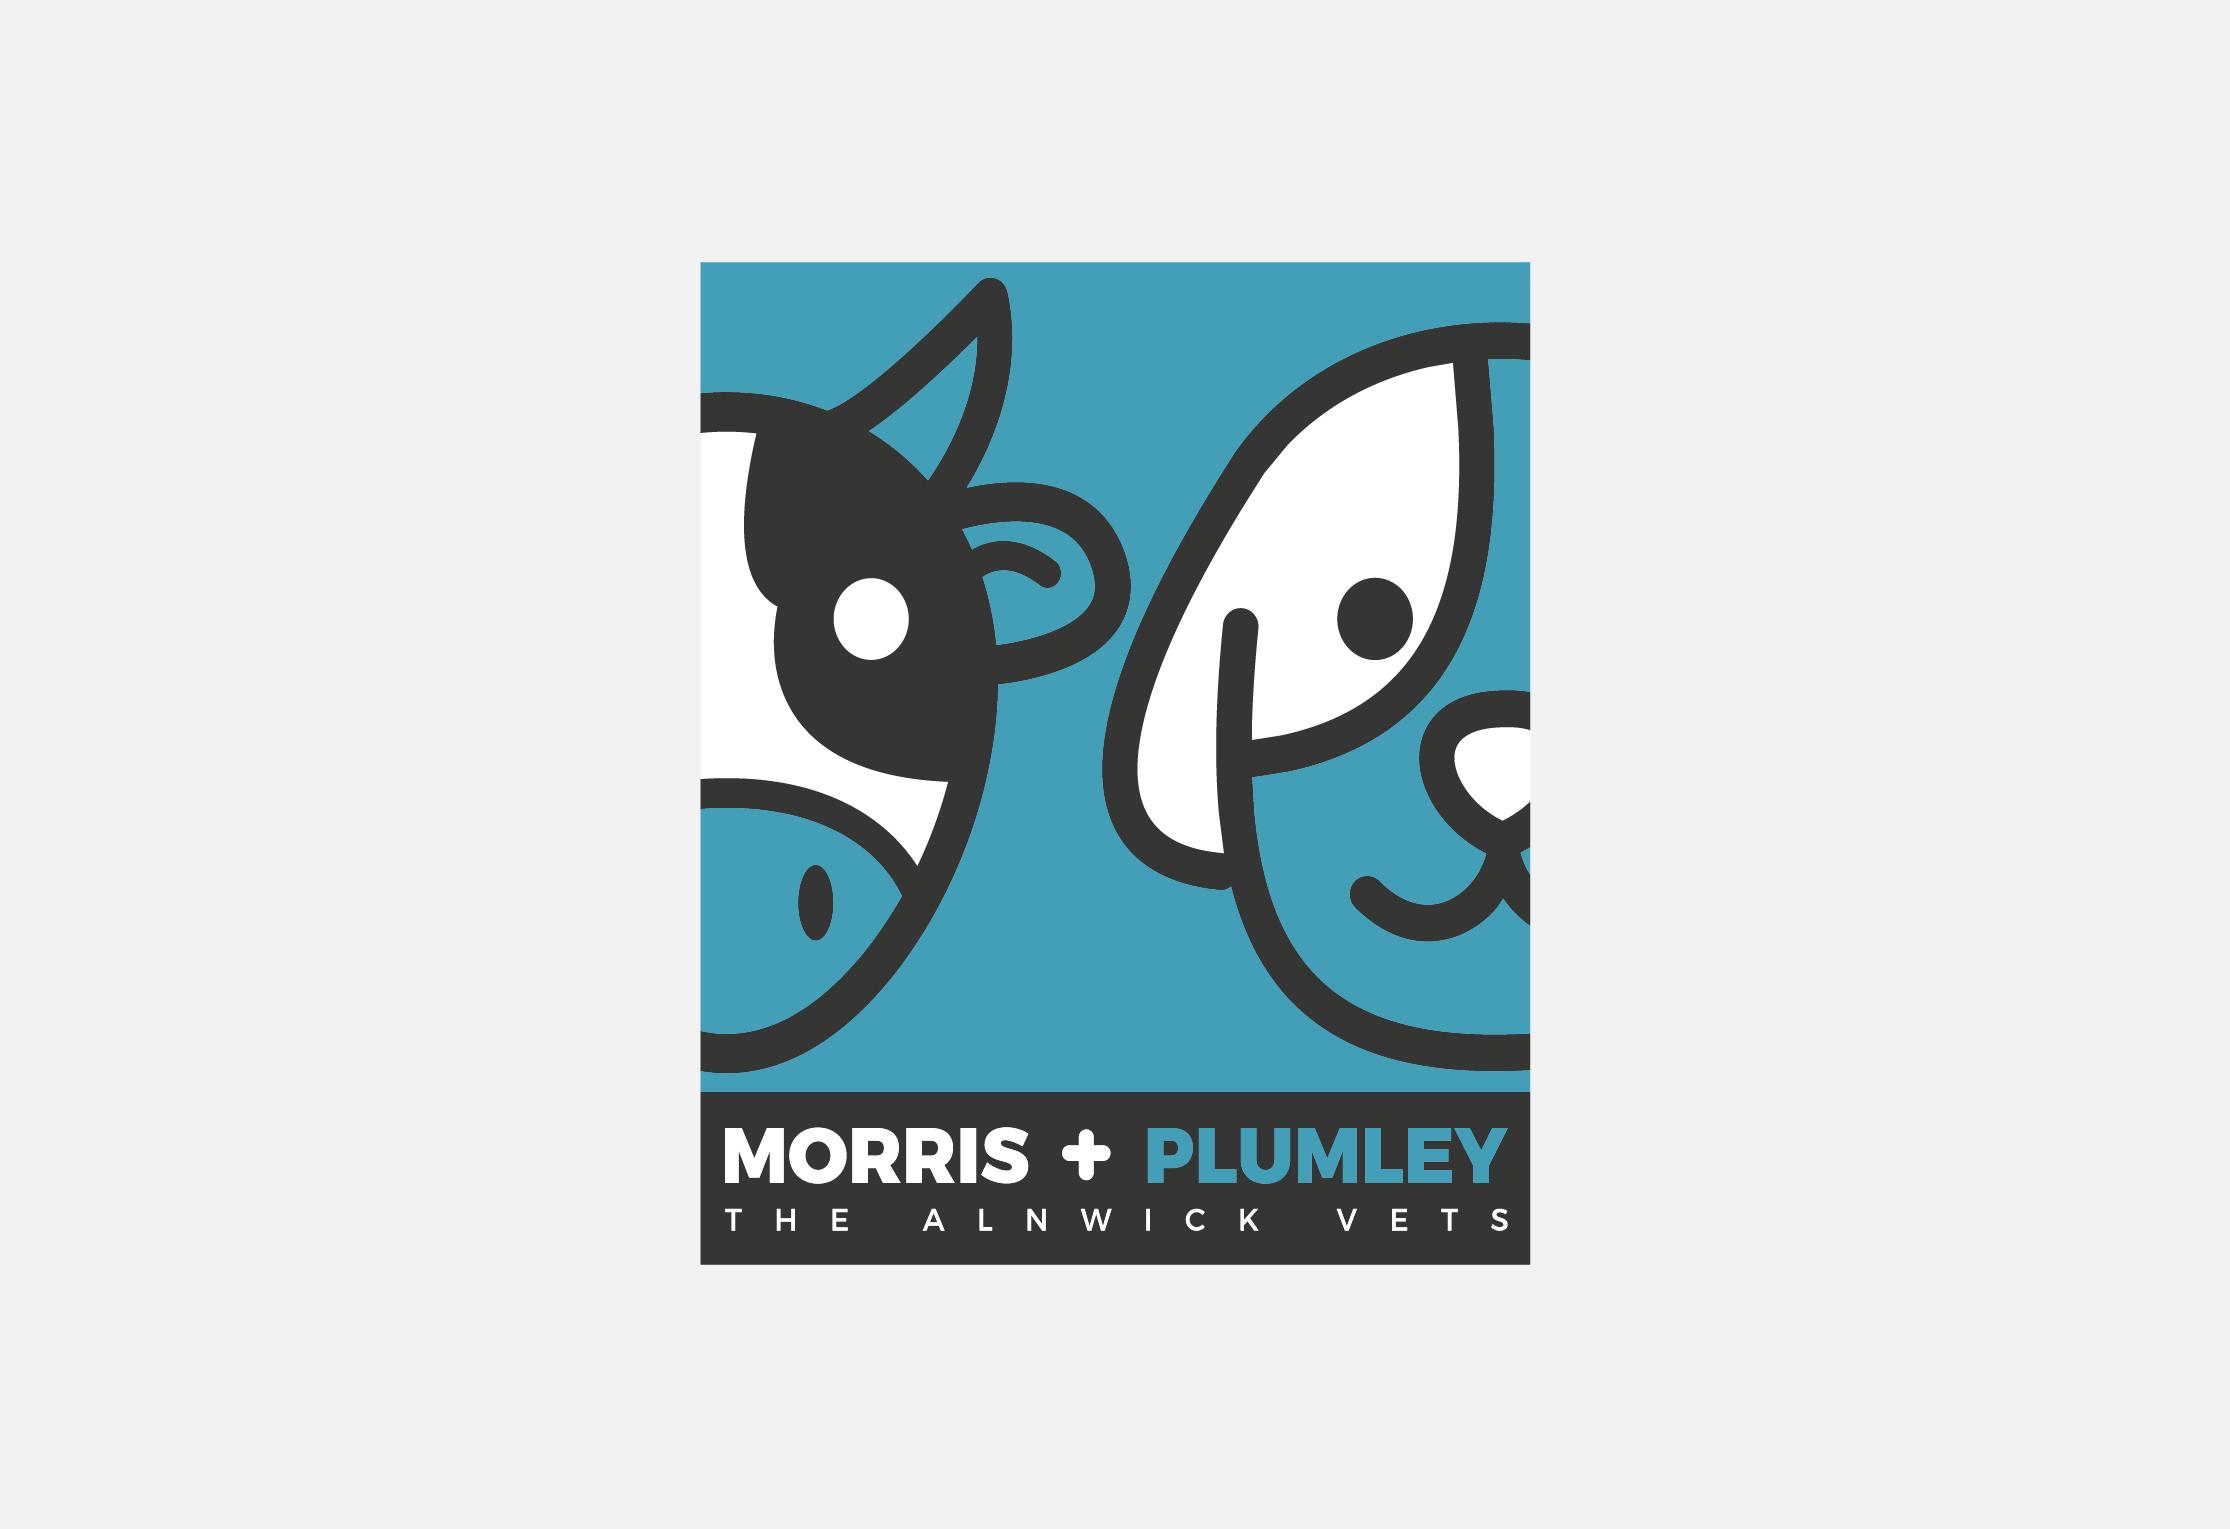 Morris & Plumley